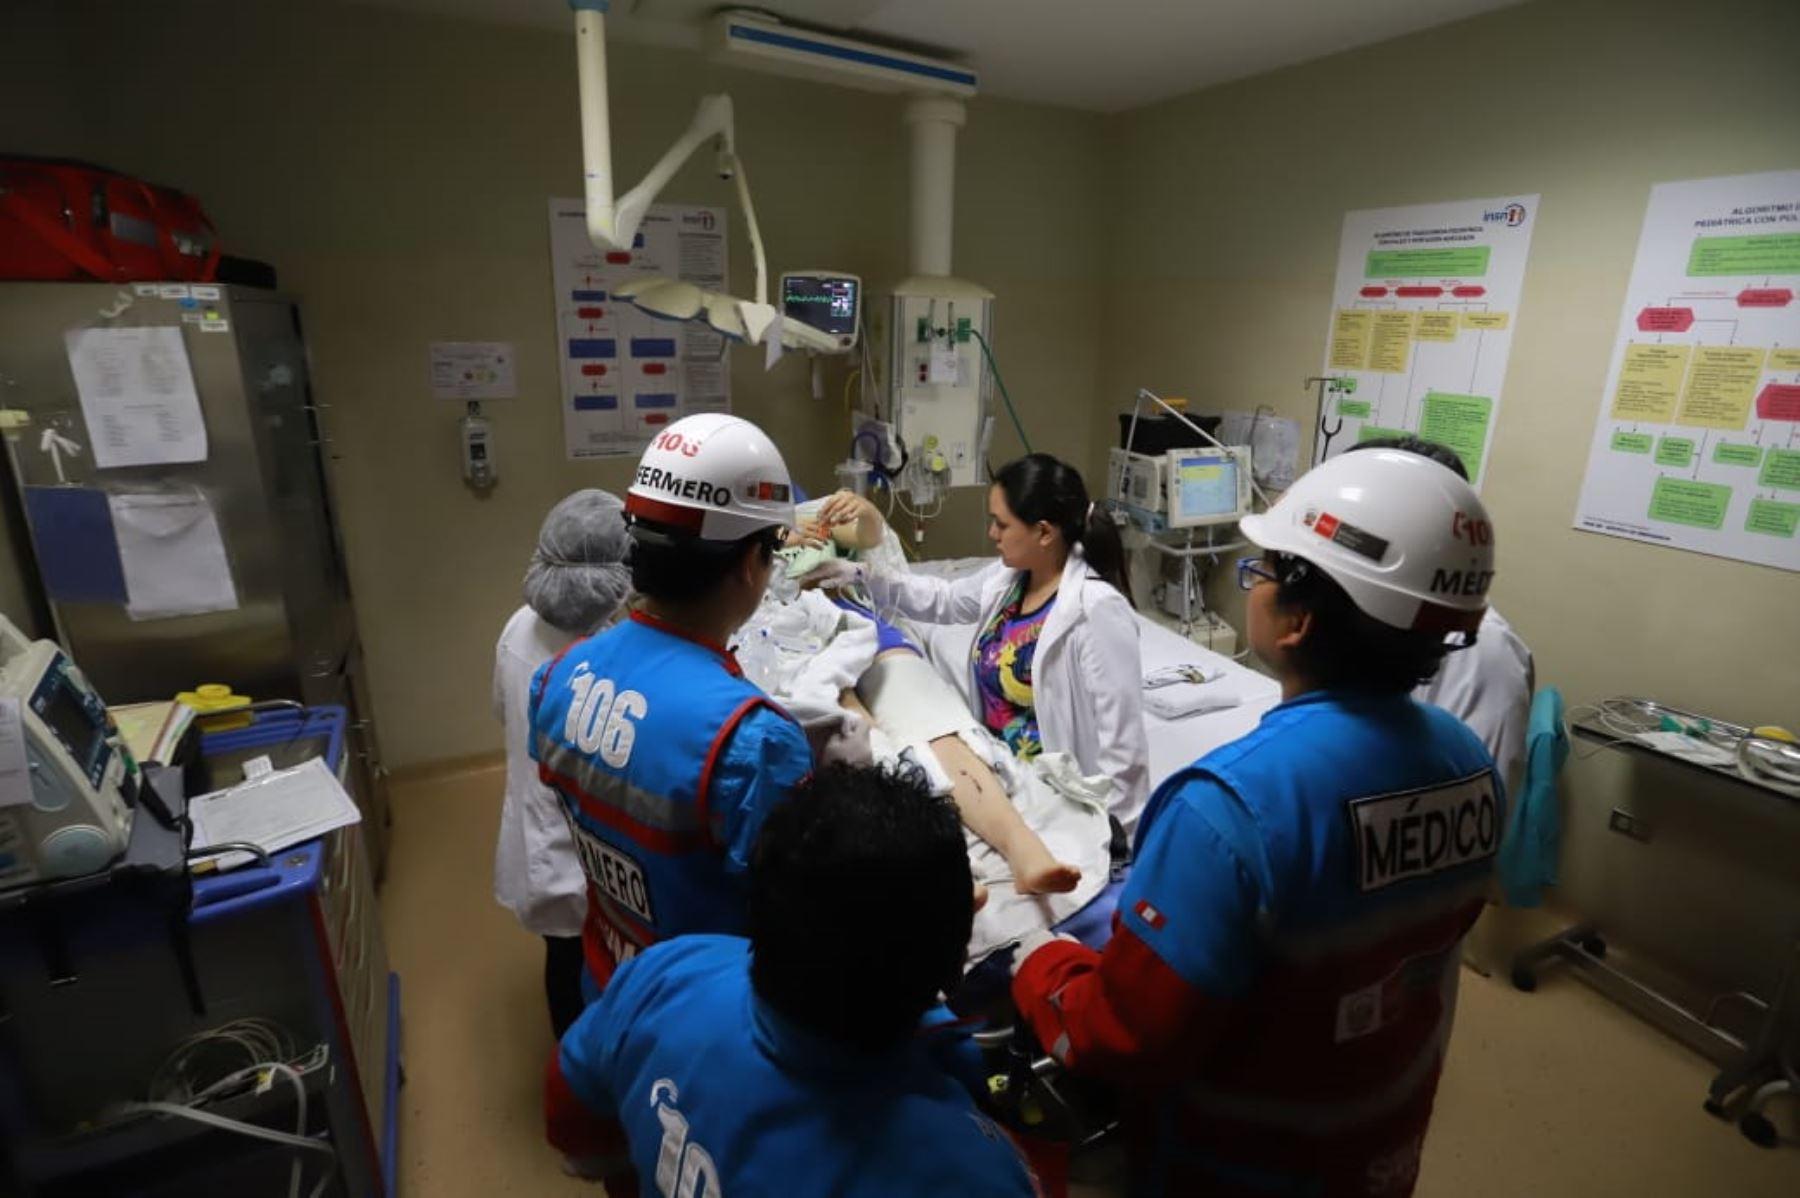 Escolares heridos tras accidente por despiste en Carretera Central son trasladados al Instituto Nacional de Salud del Niño, en San Borja. Foto: ANDINA/Minsa